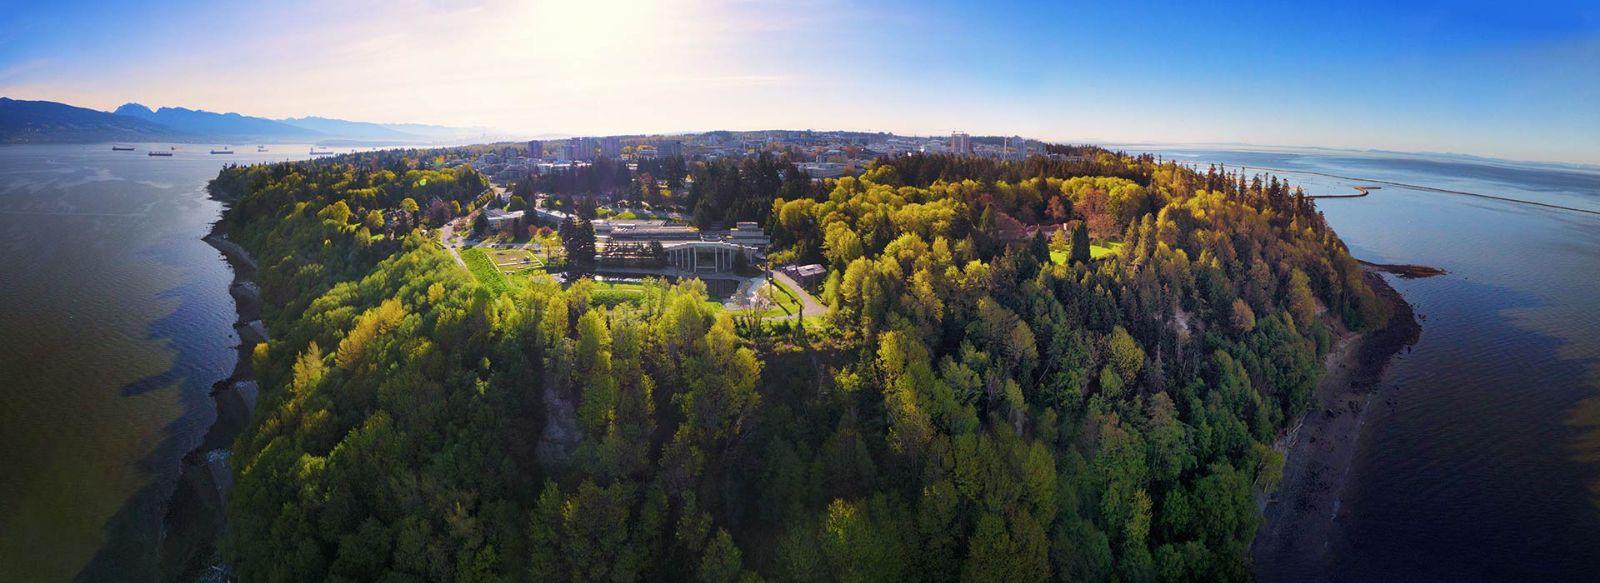 UBC大学申请条件 加拿大教育中心 加拿大留学 申请UBC大学方案